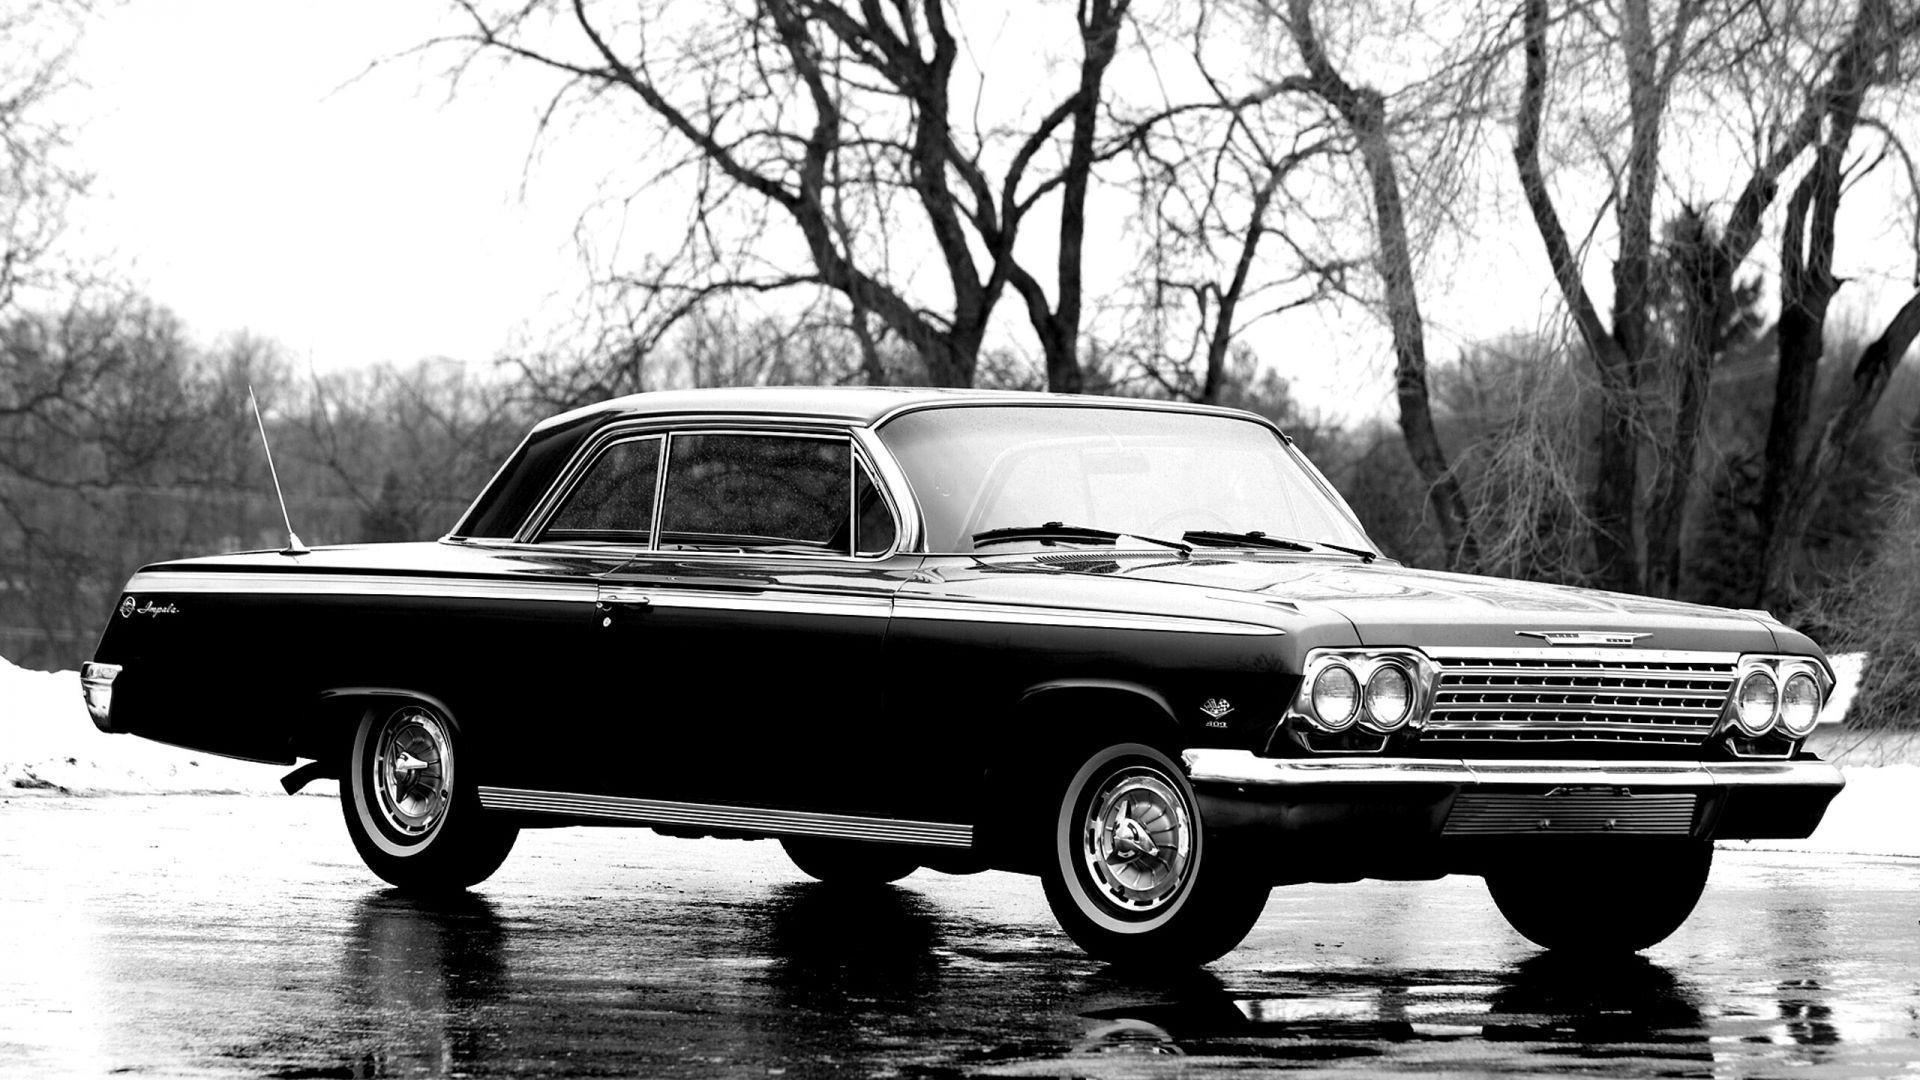 Chevrolet Impala 1967 Supernatural Wallpaper – 1milioncars.com